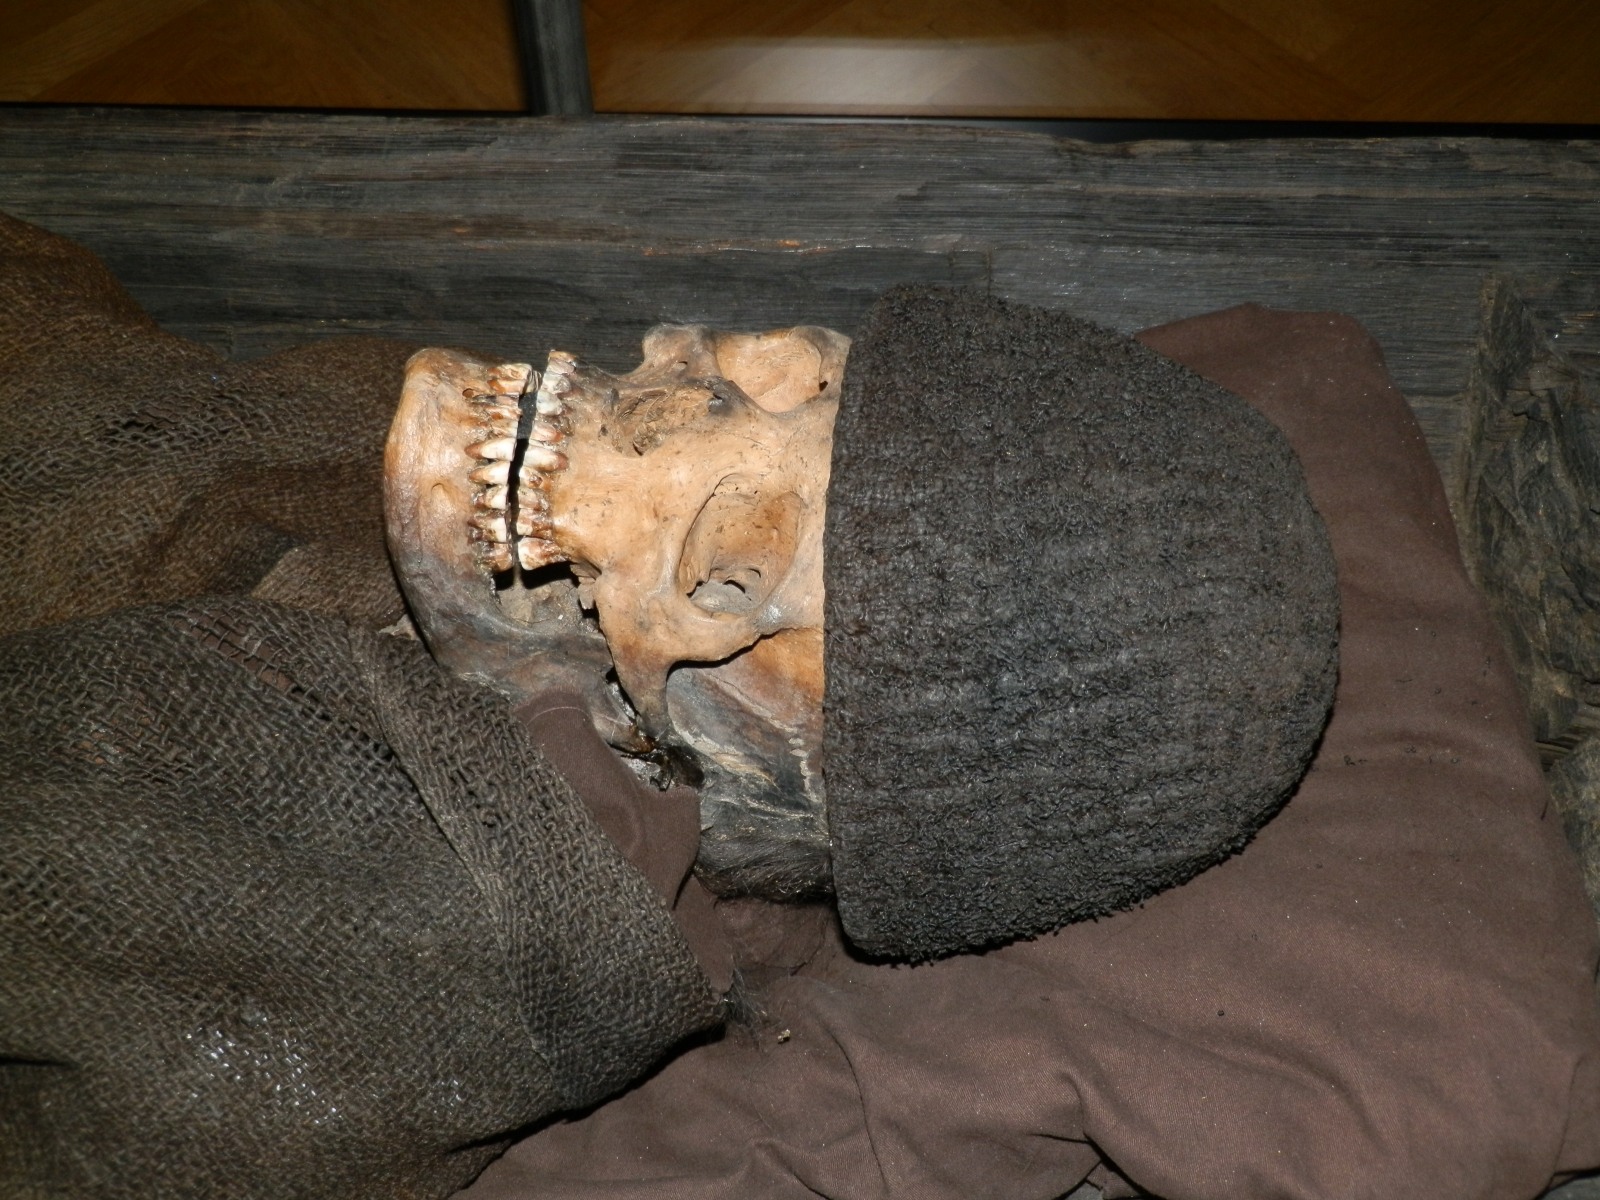 Woolly hat burial